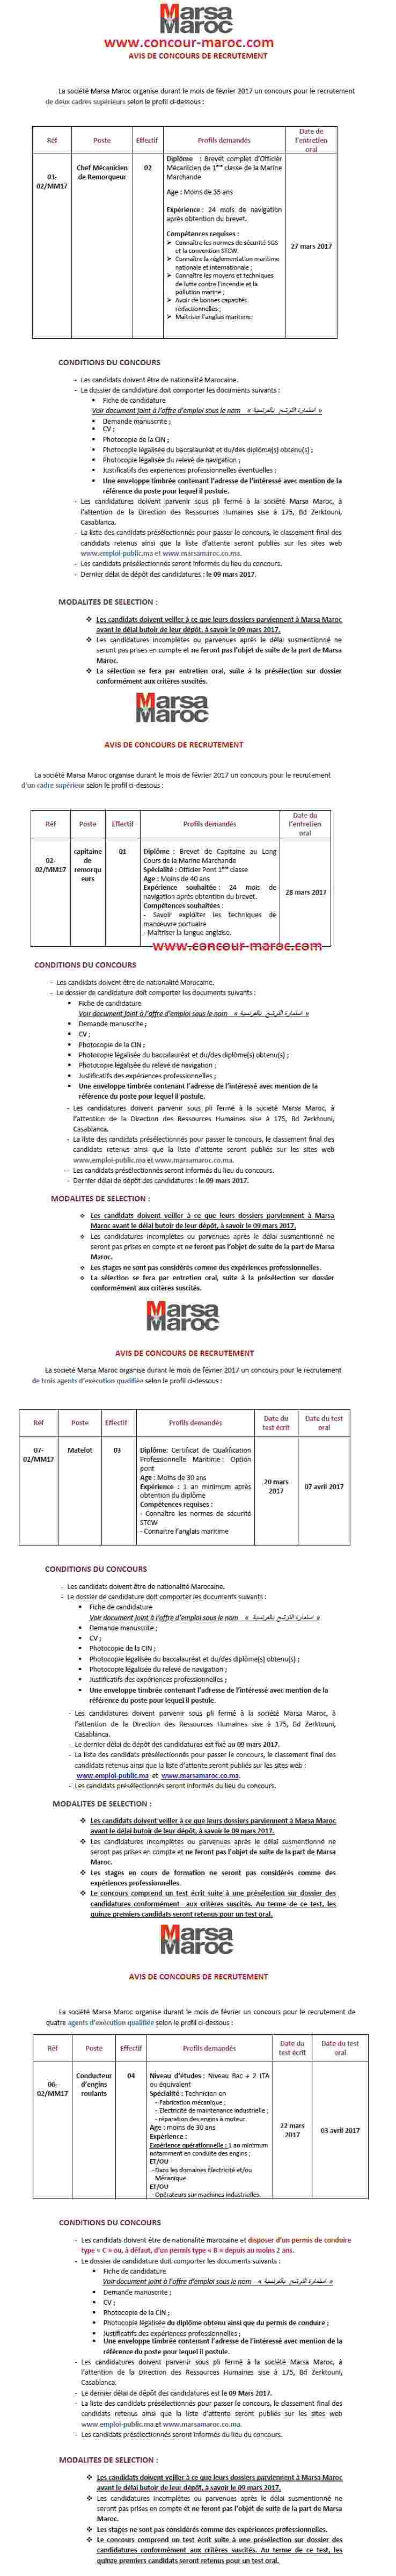 شركة استغلال الموانئ (مرسى ماروك) : مباراة توظيف 17 منصب في عدة تخصصات آخر أجل لإيداع الترشيحات 09 مارس 2017 Concou18